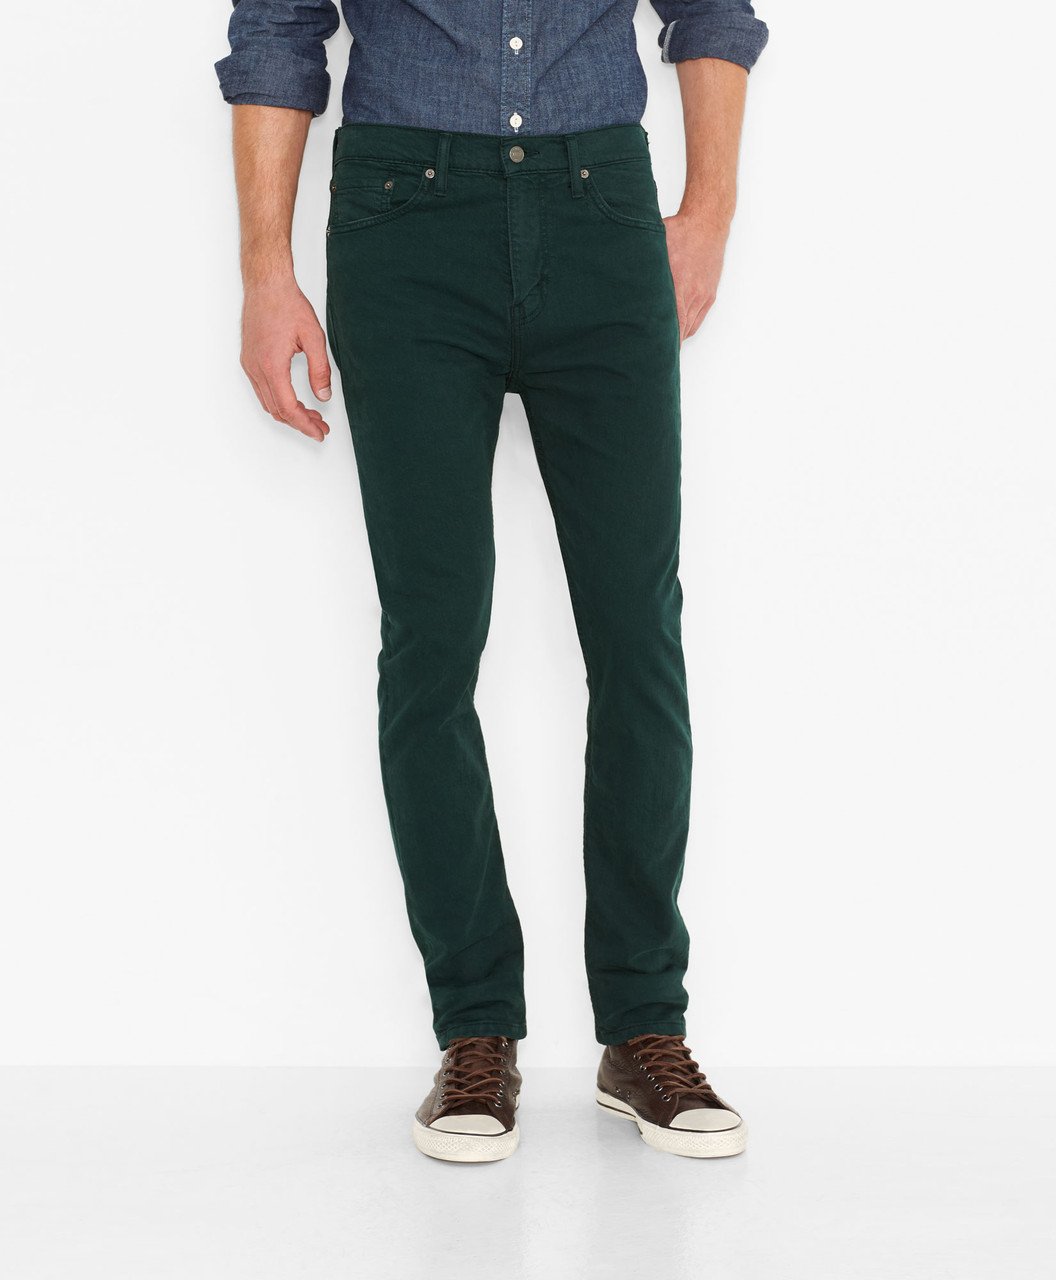 Зеленый цвет одежды